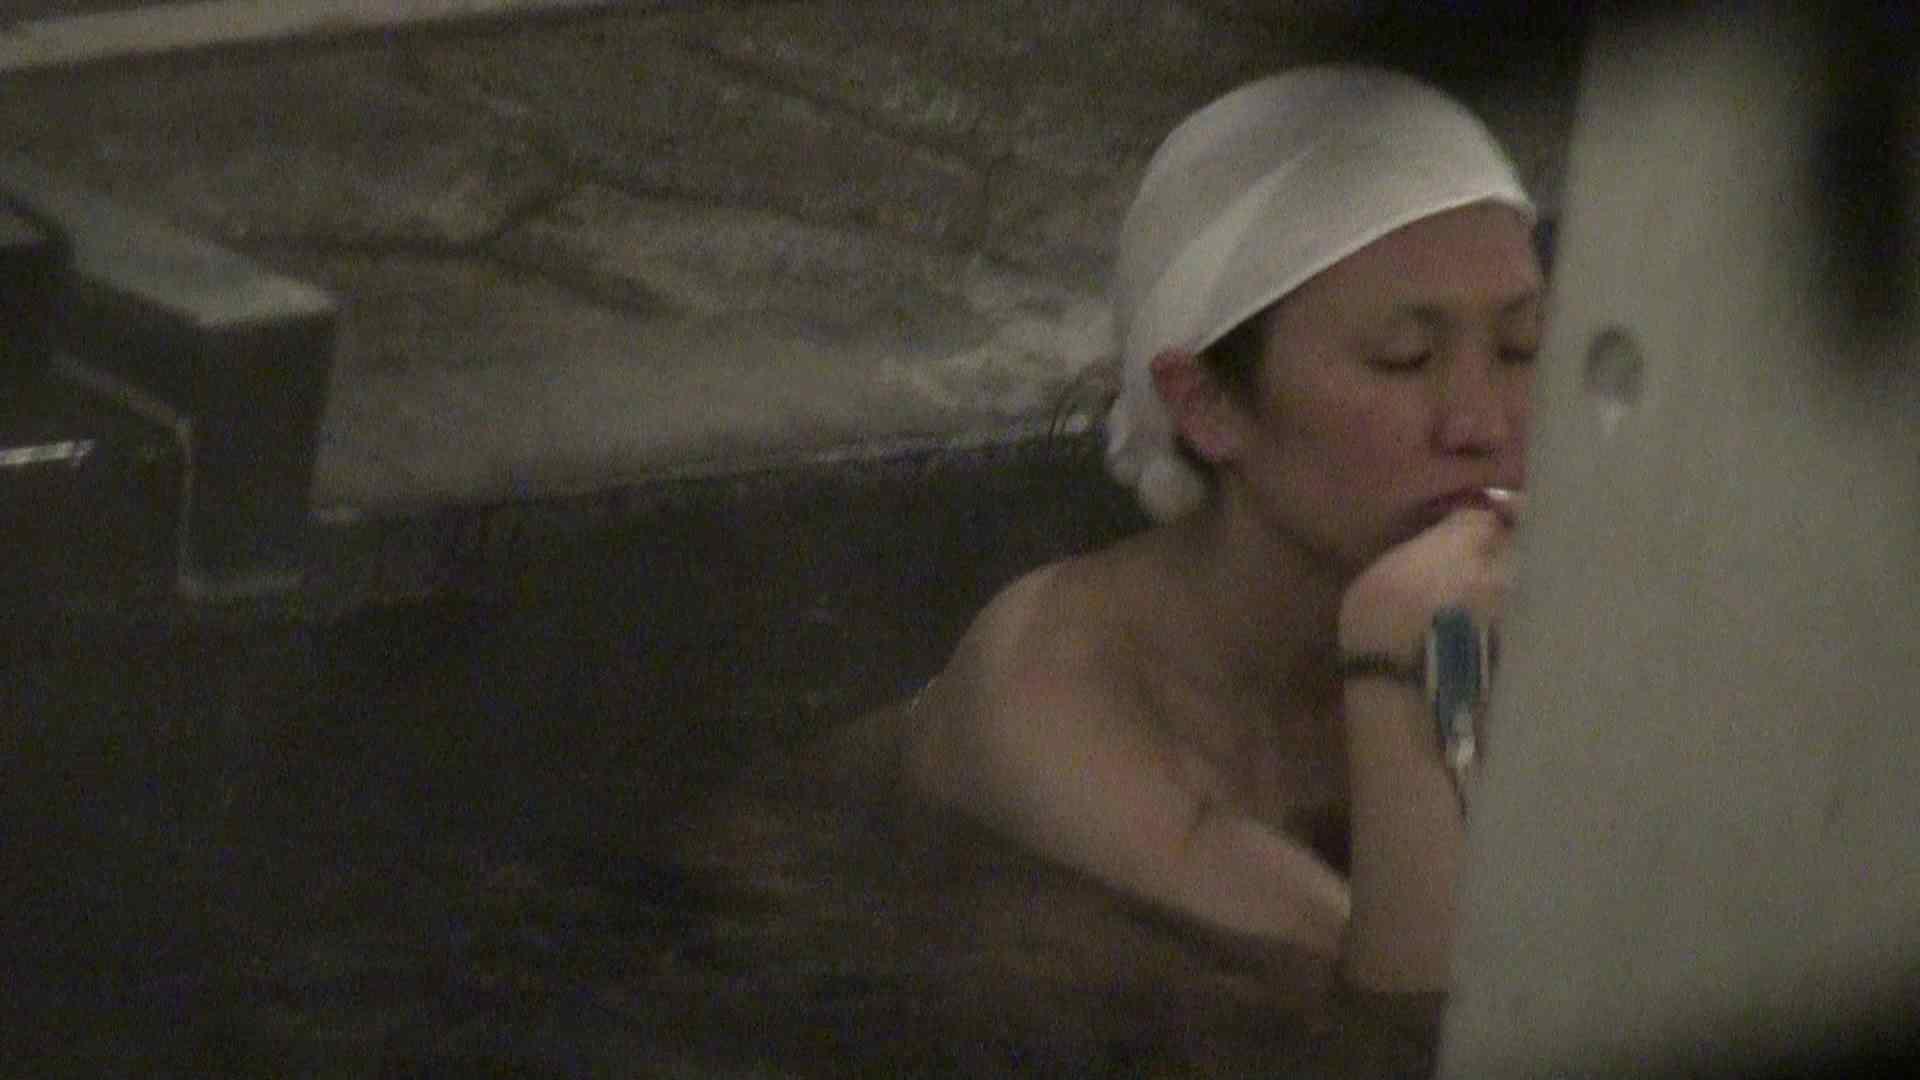 Aquaな露天風呂Vol.427 OLのエロ生活  46連発 30